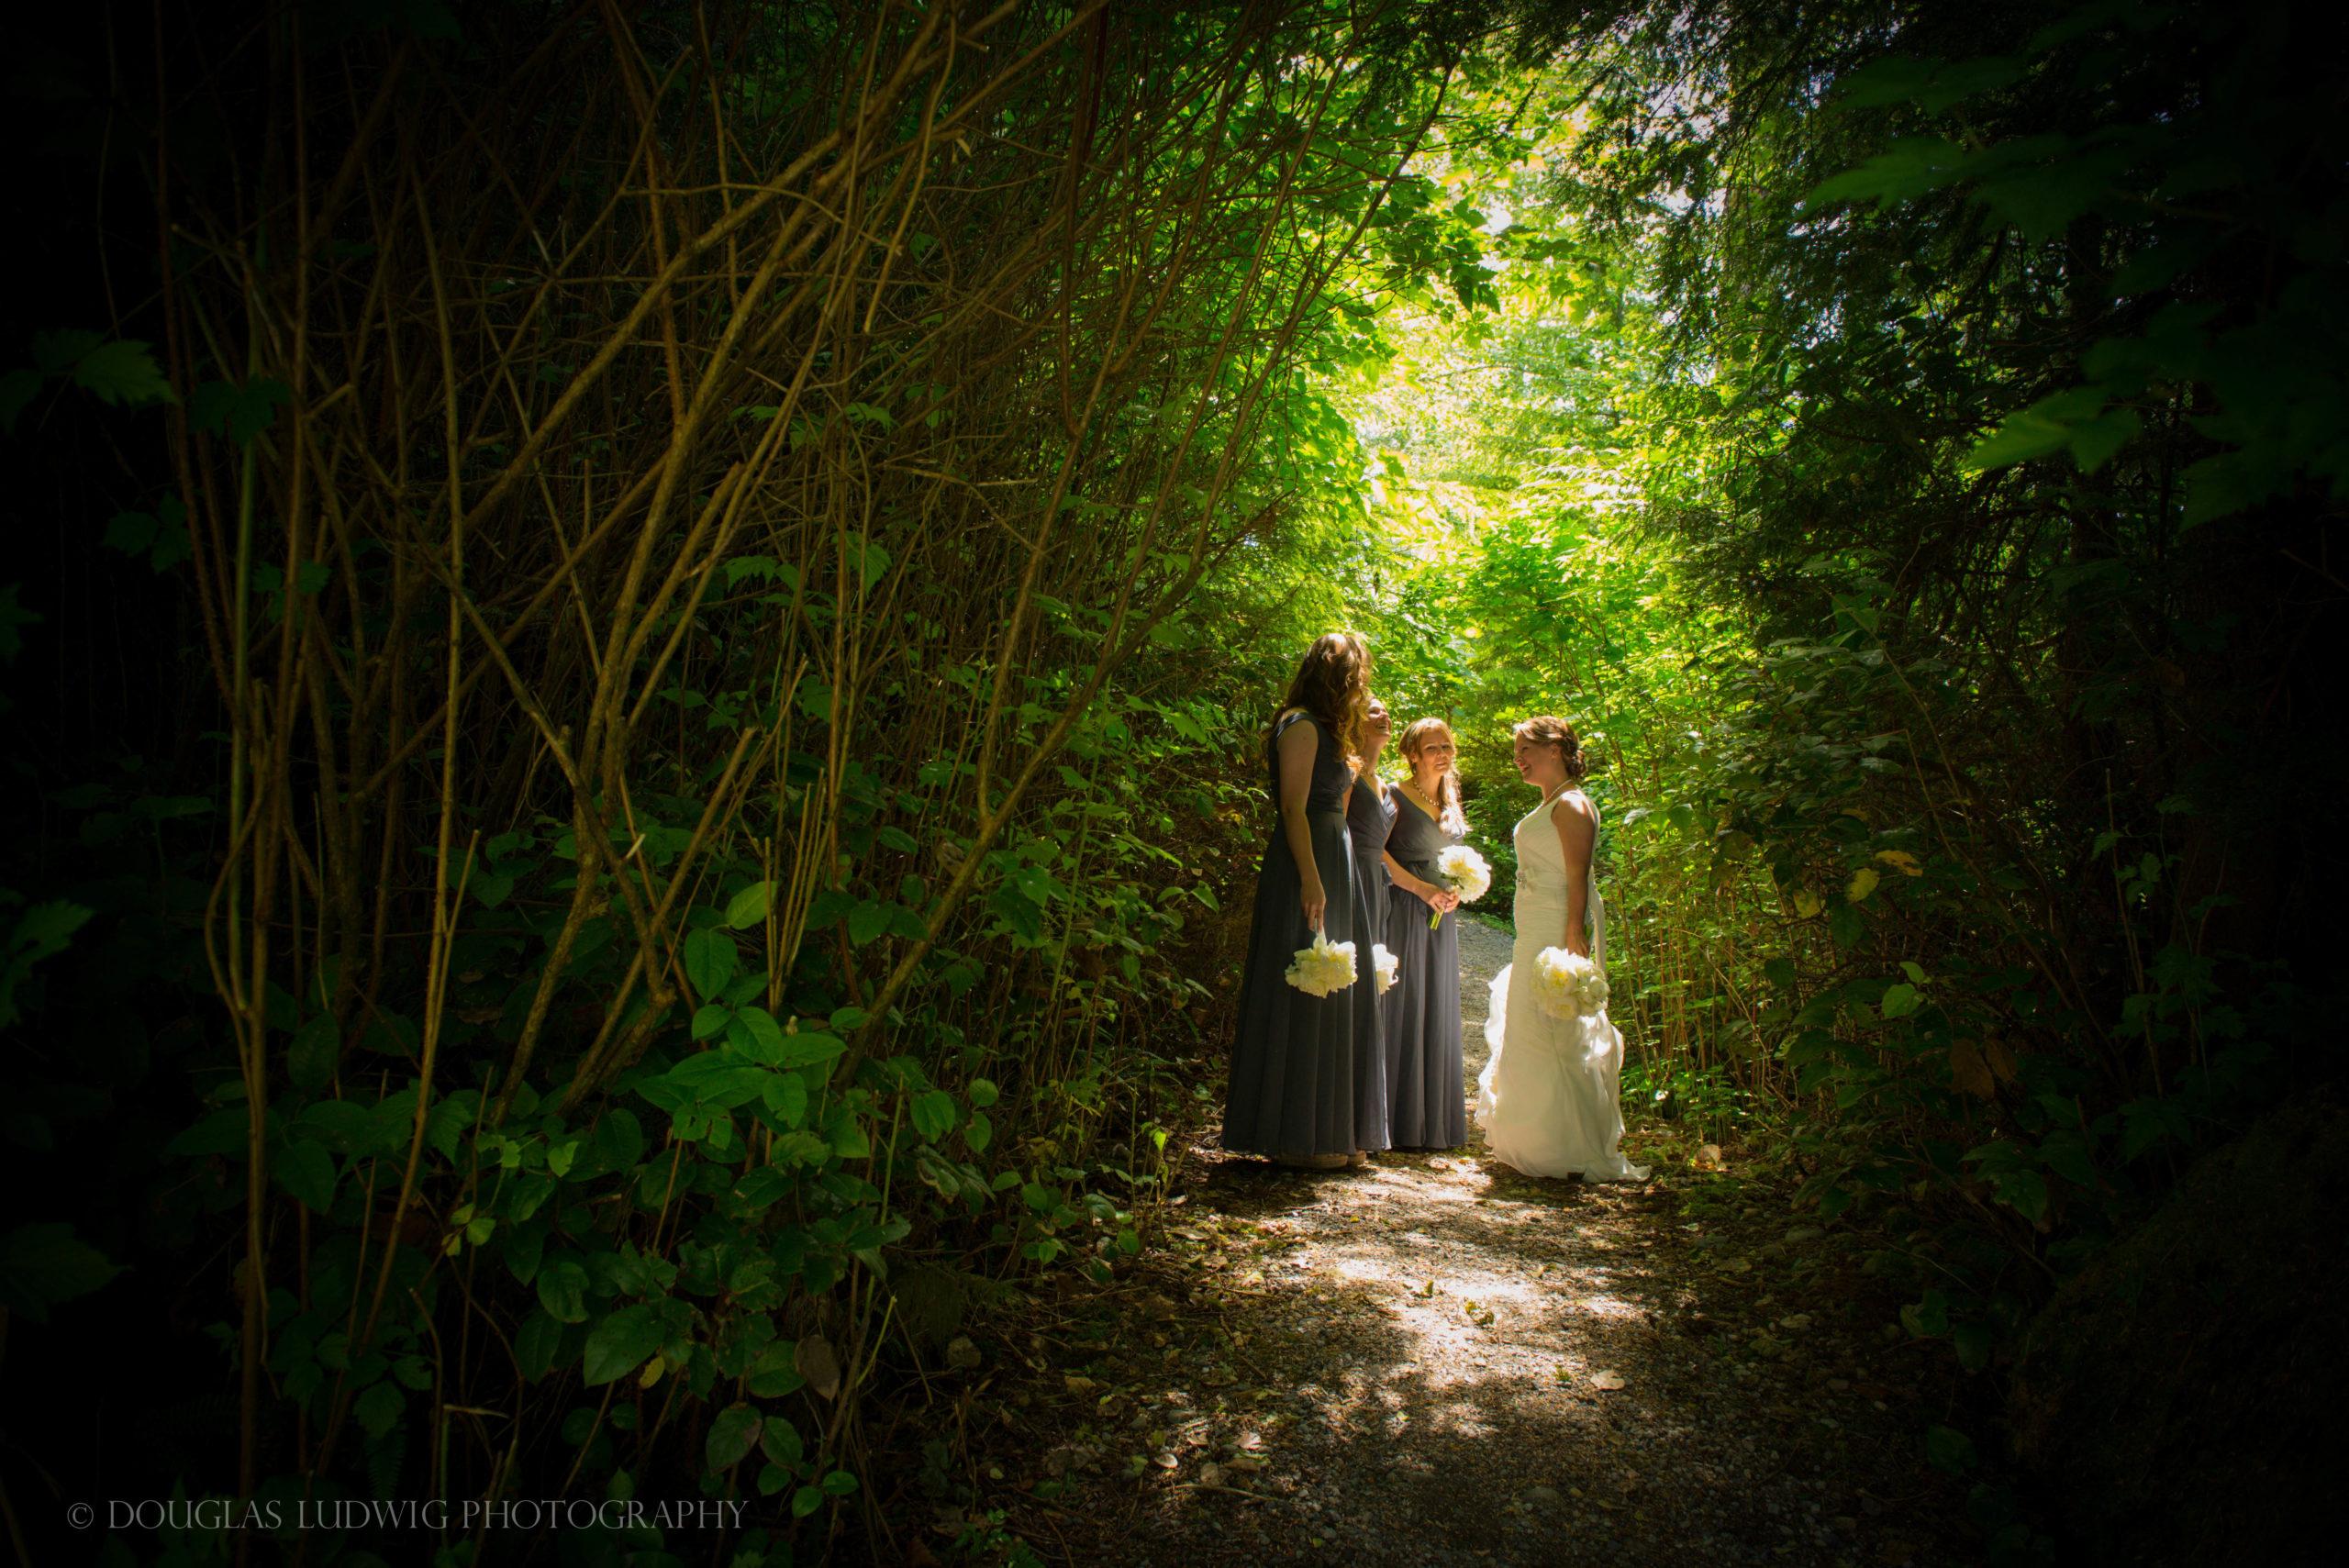 Douglas Ludwig_Bride with Bridesmaids